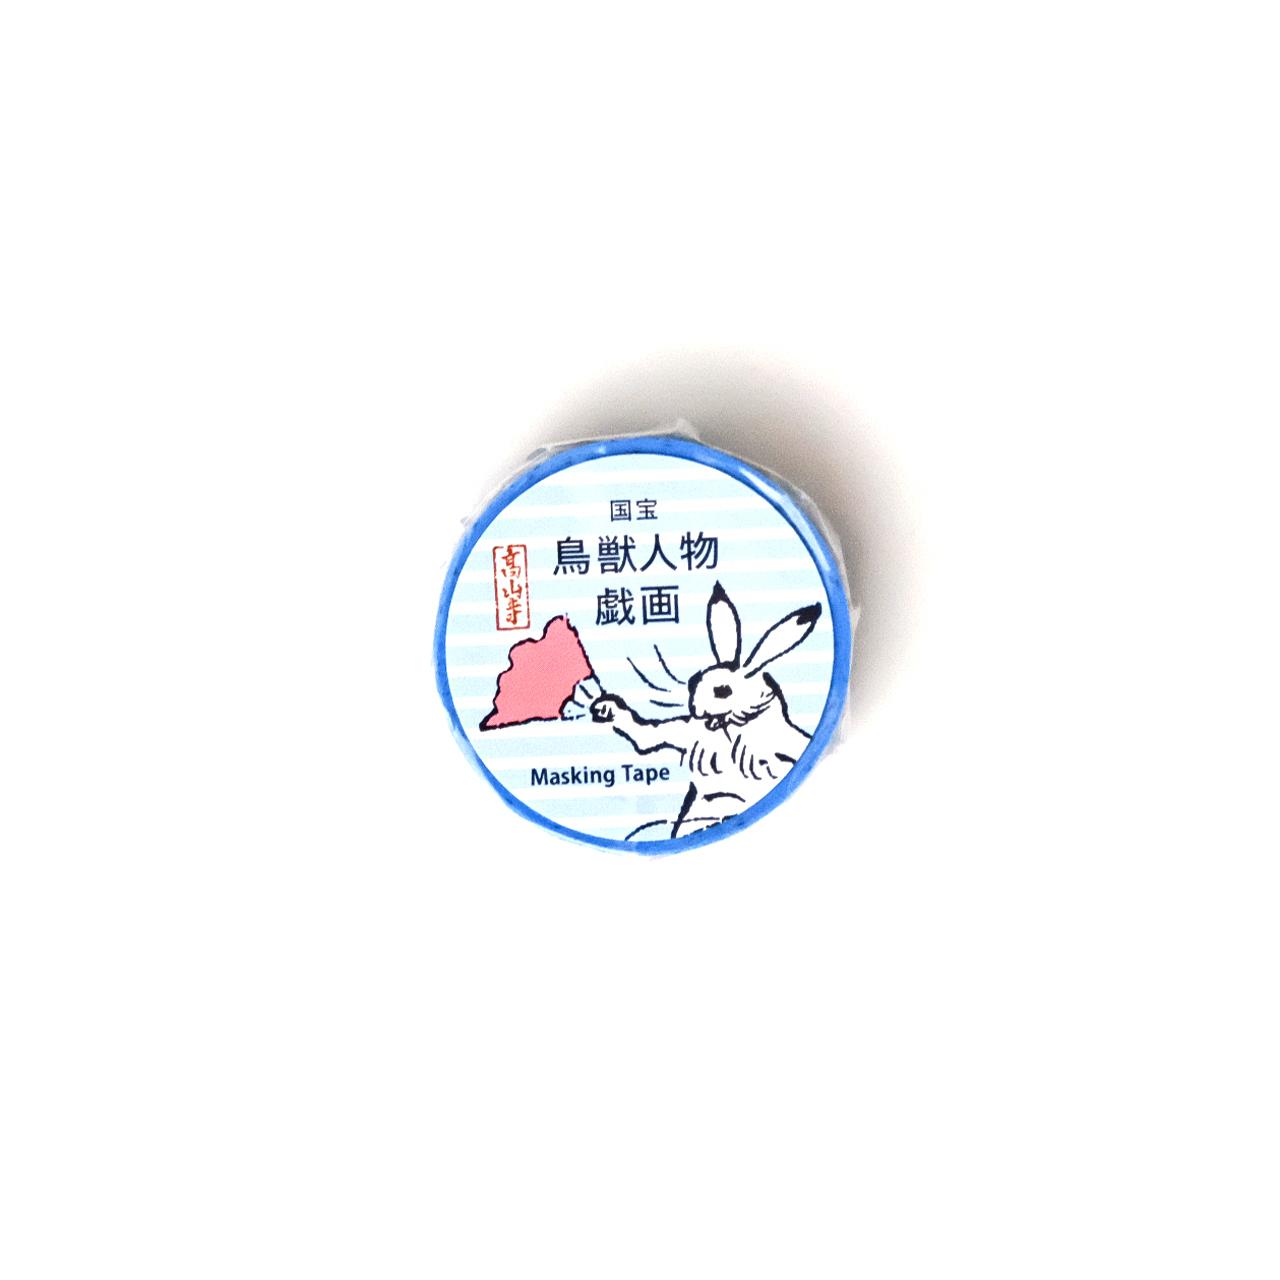 鳥獣戯画 マスキングテープ 水色